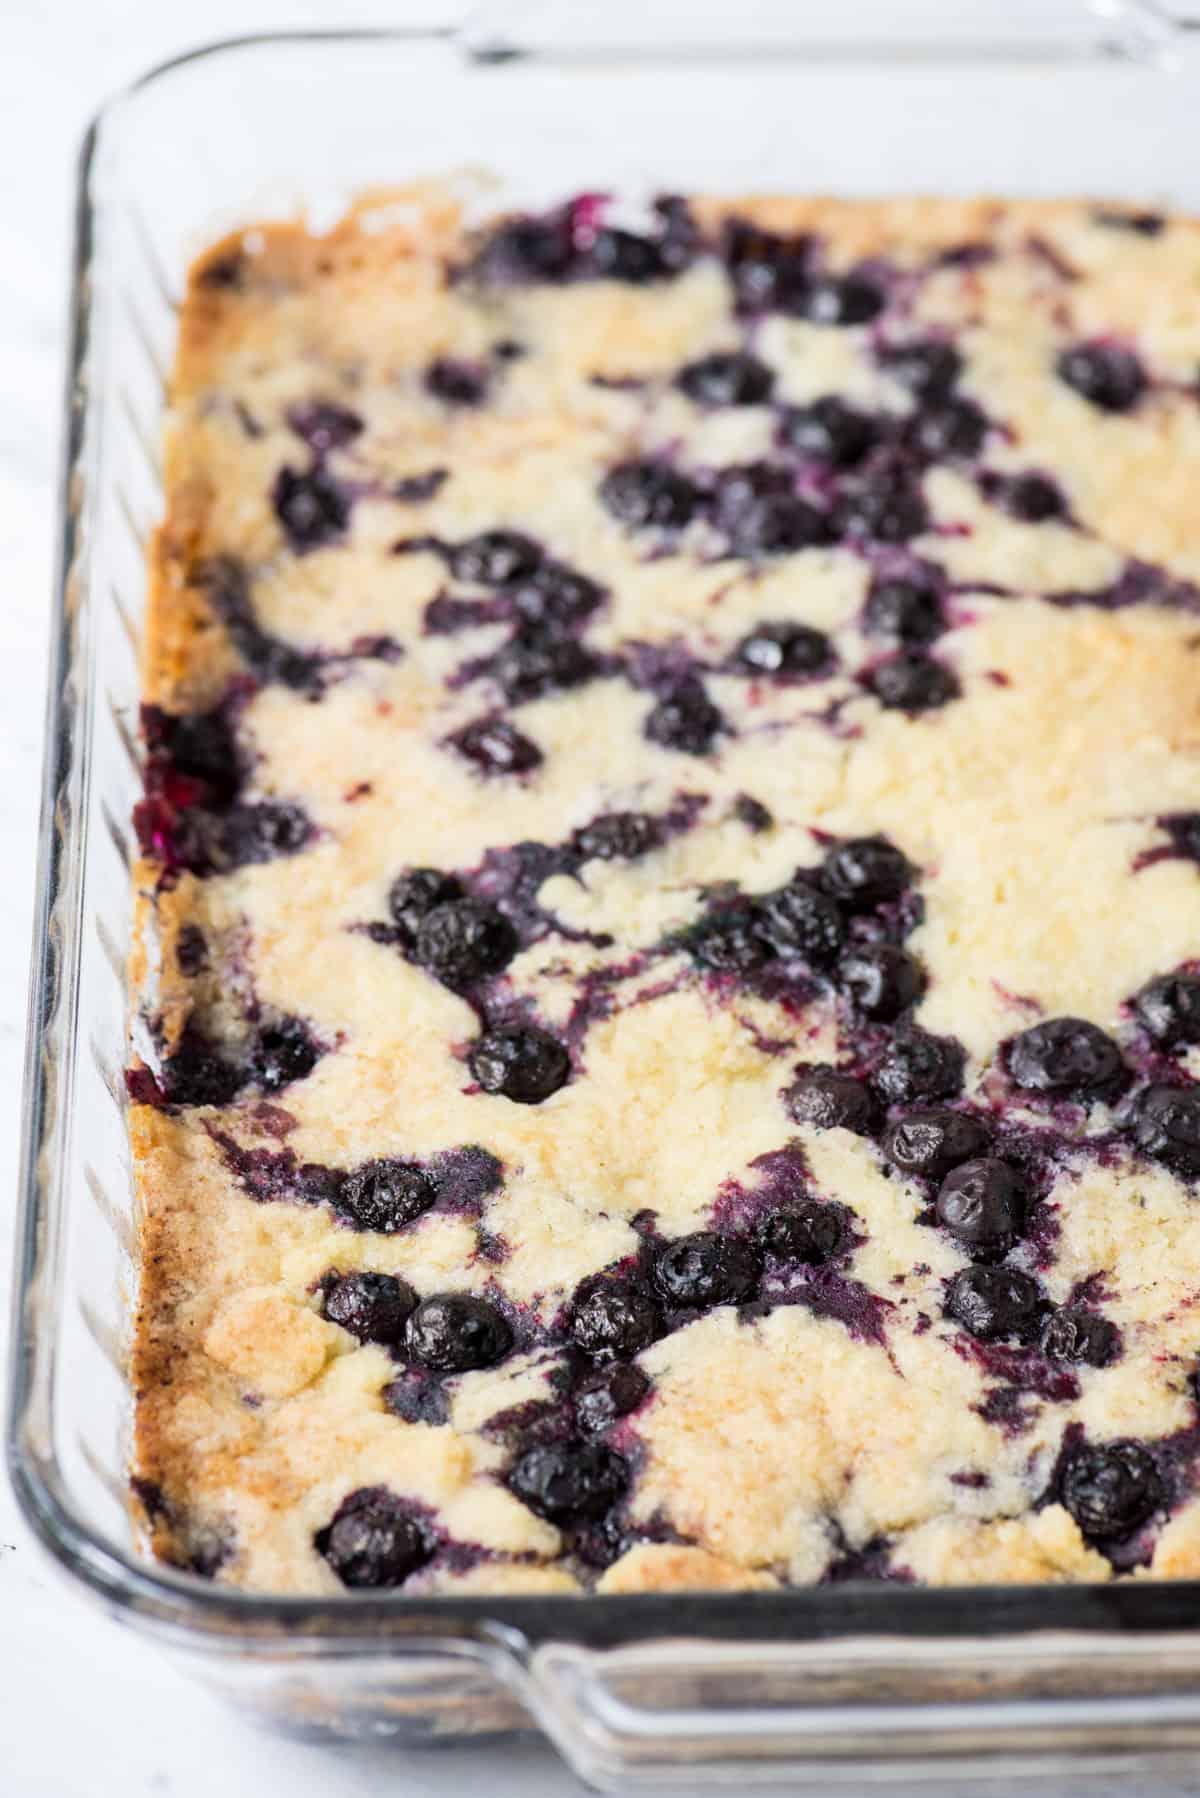 lemon blueberry dump cake in glass 9x13 inch pan